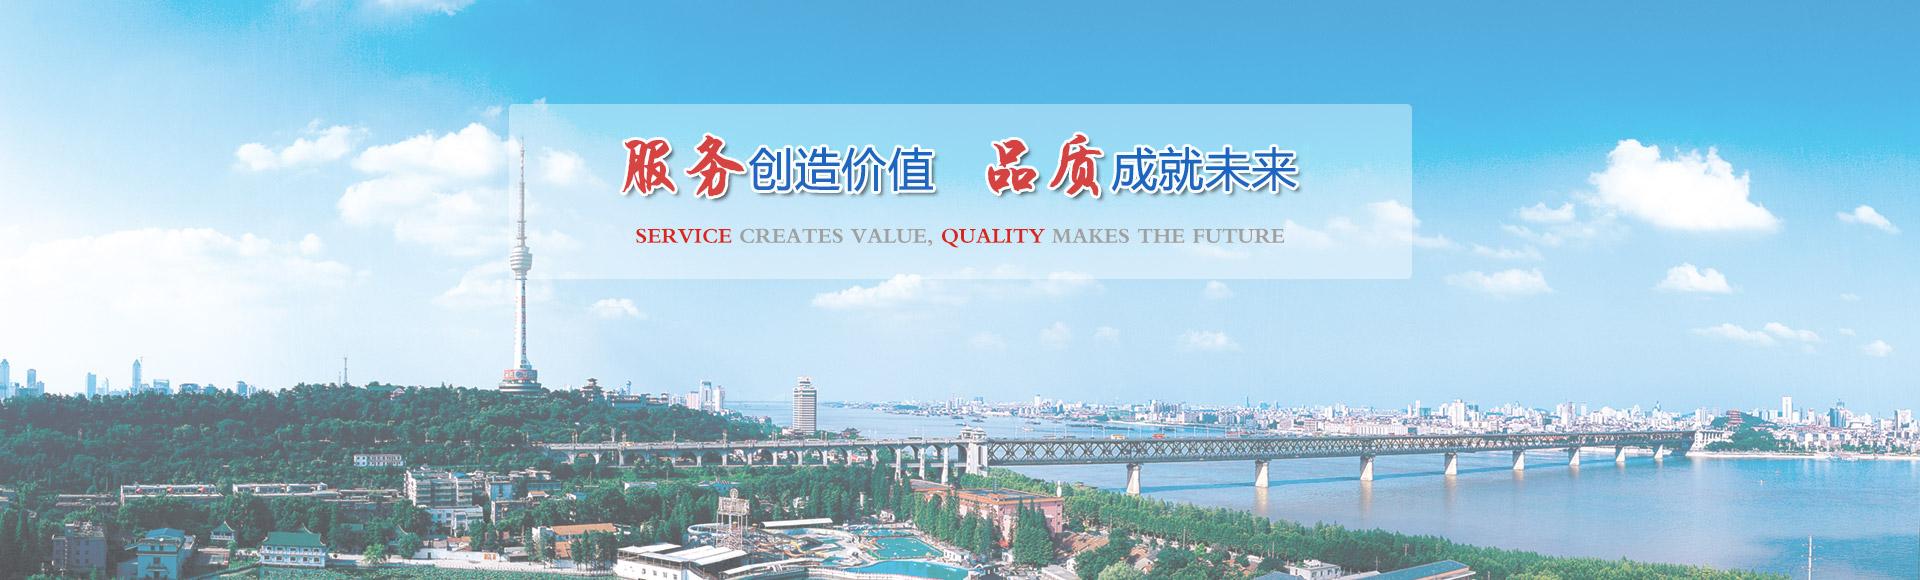 武汉物业管理公司